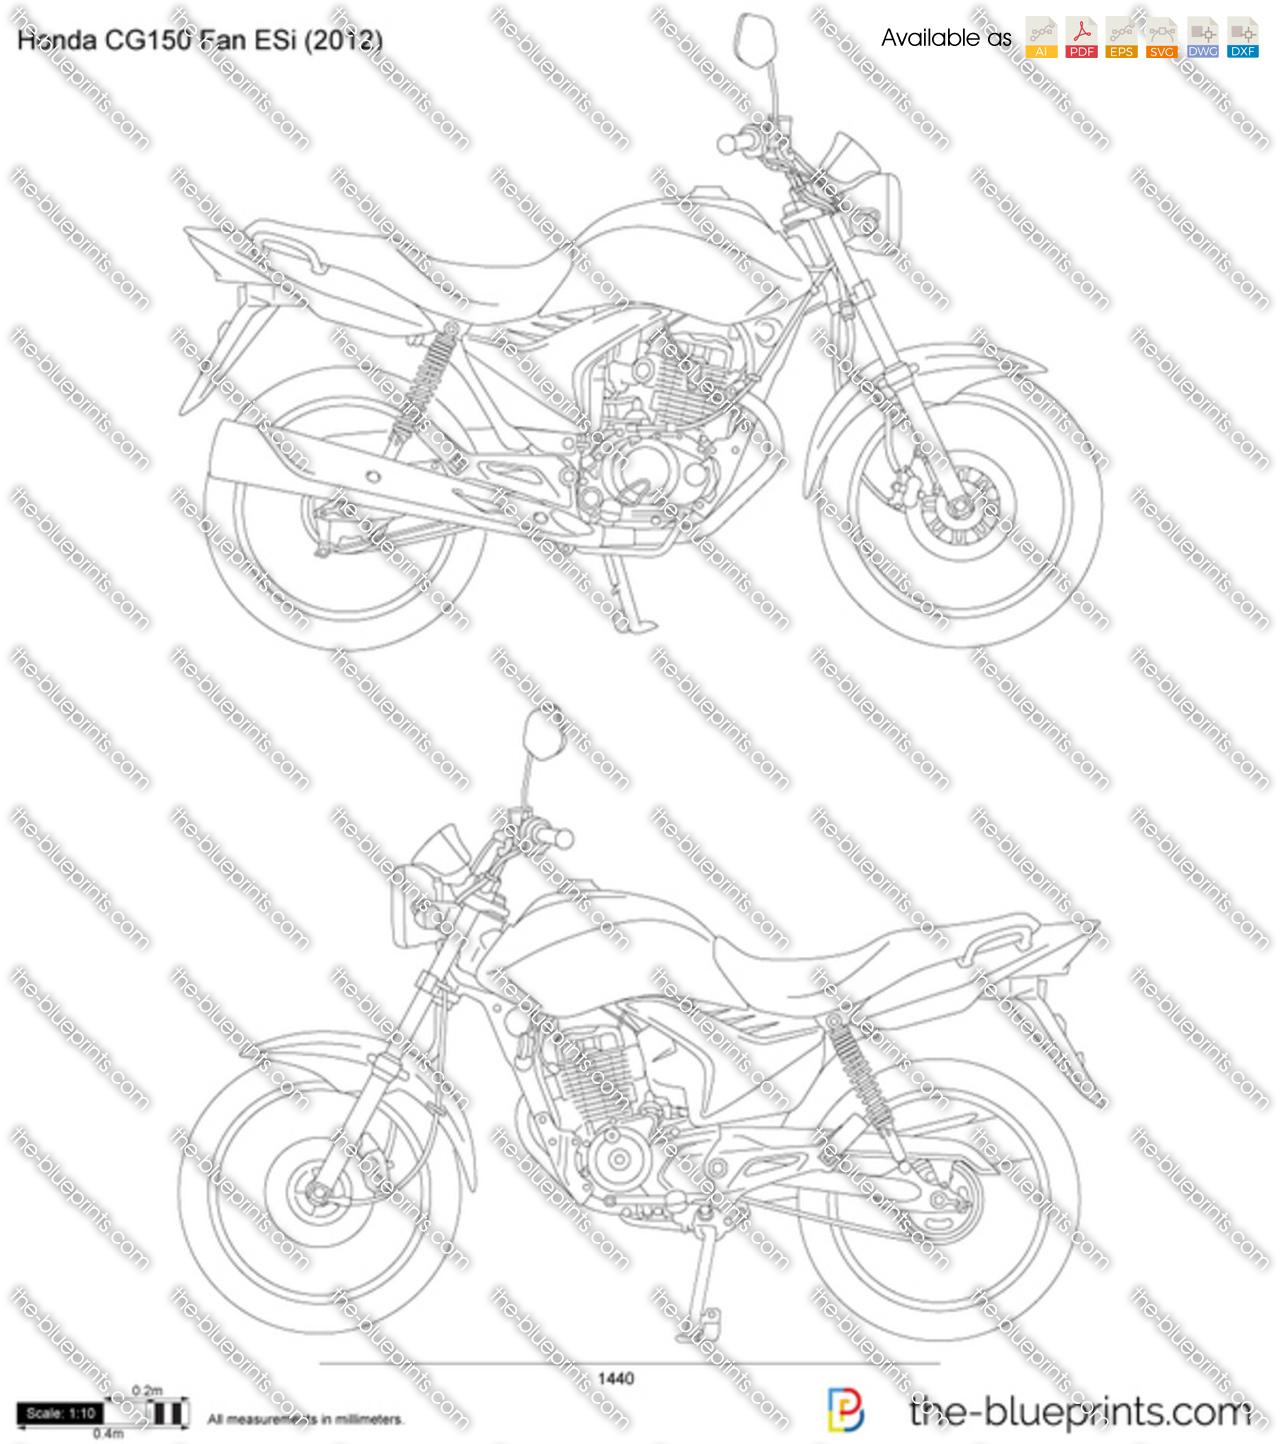 Honda CG150 Fan ESi